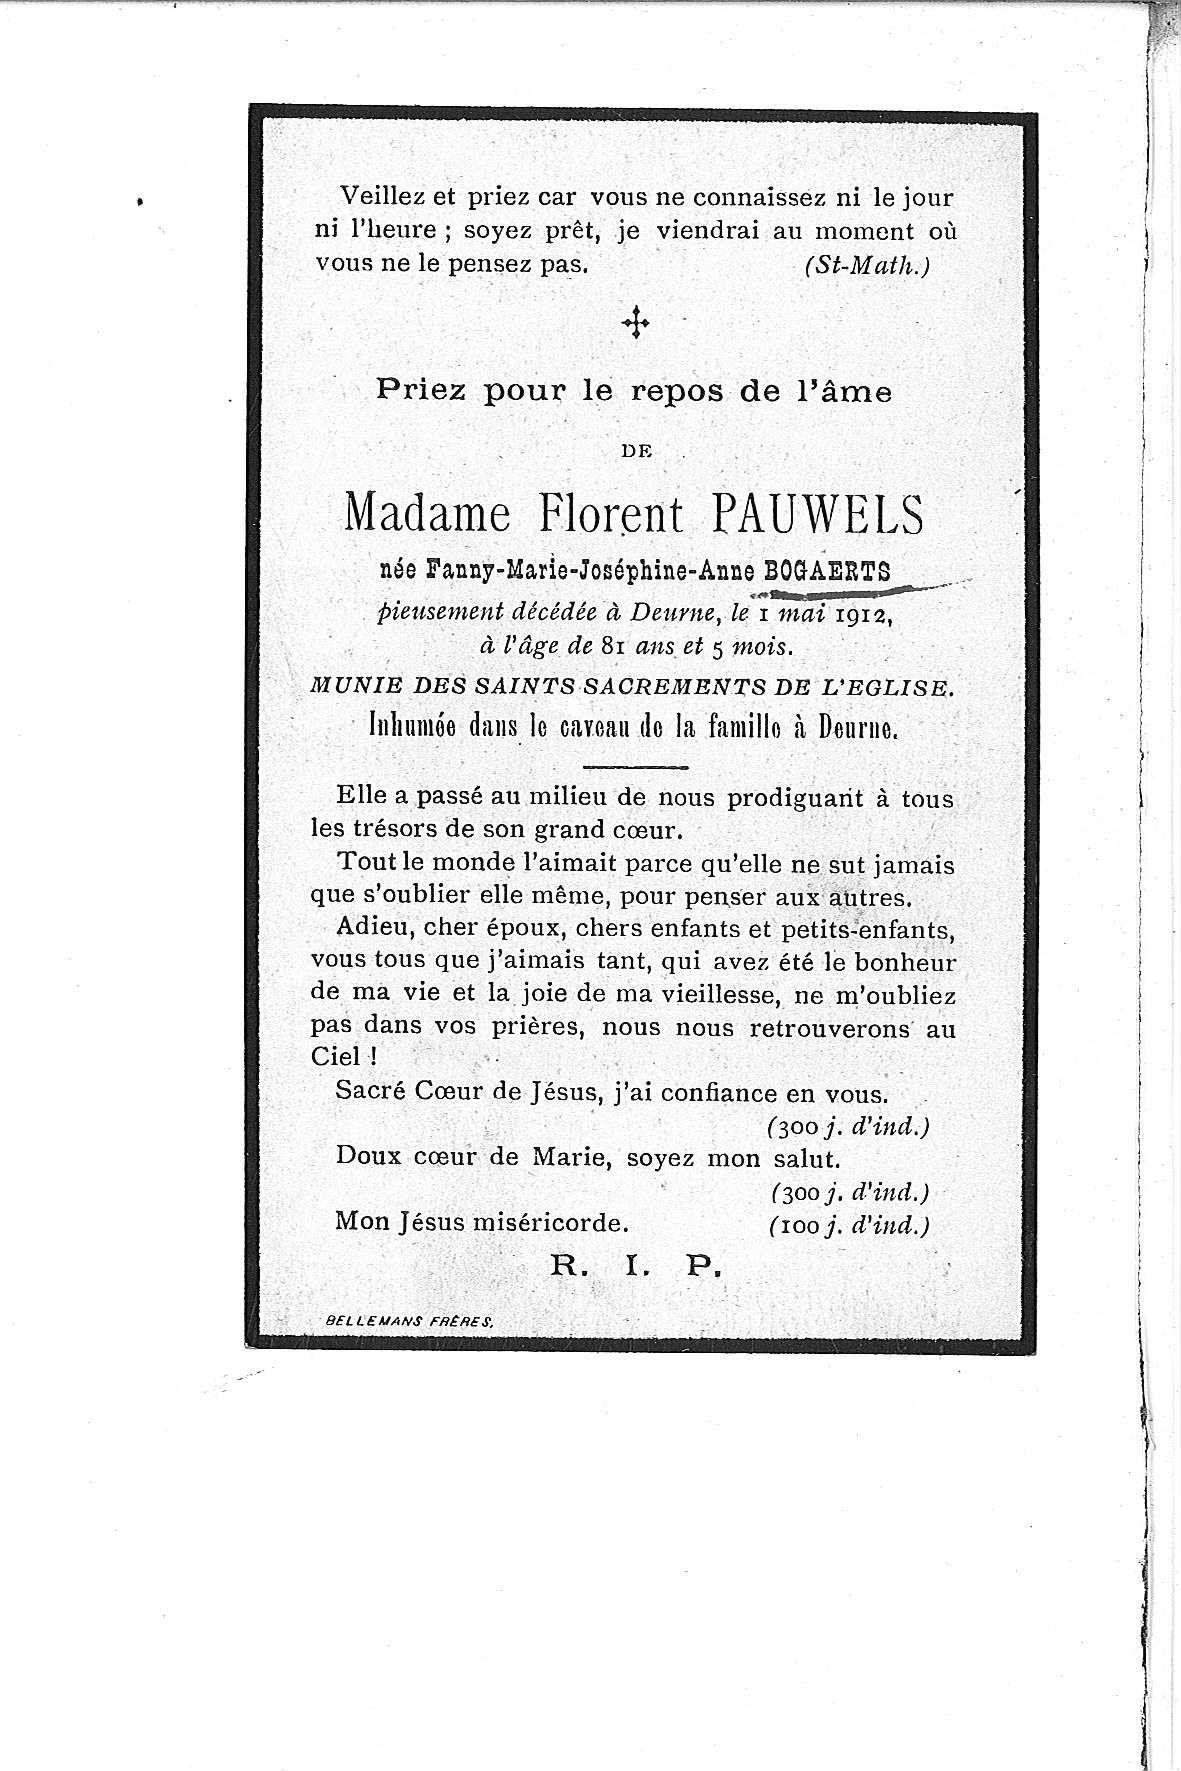 Fanny-Marie-Joséphine(1912)20110318084748_00006.jpg